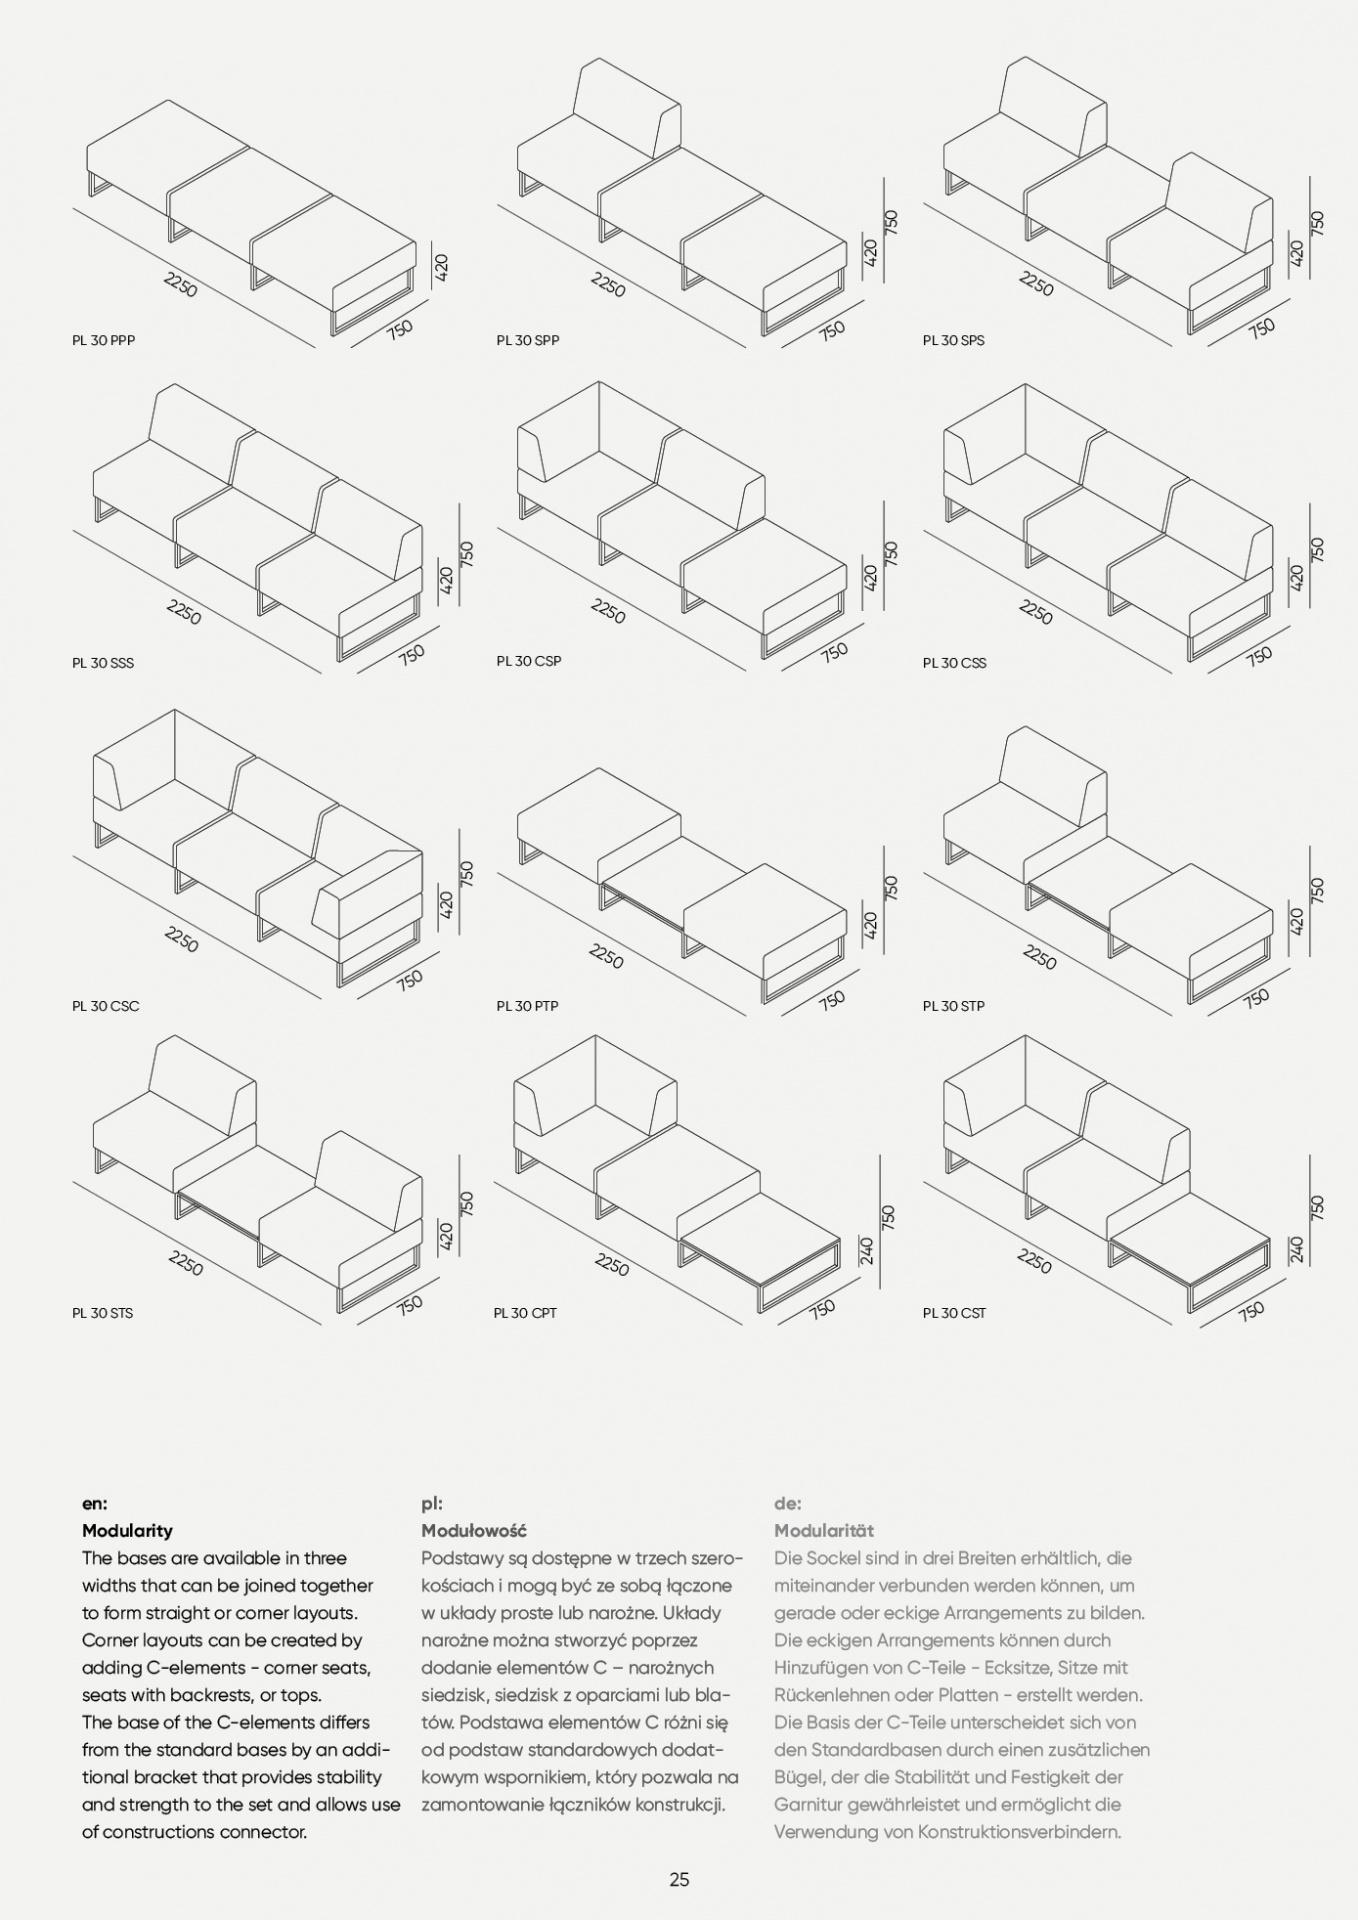 plint-catalogue-v2-25.jpg